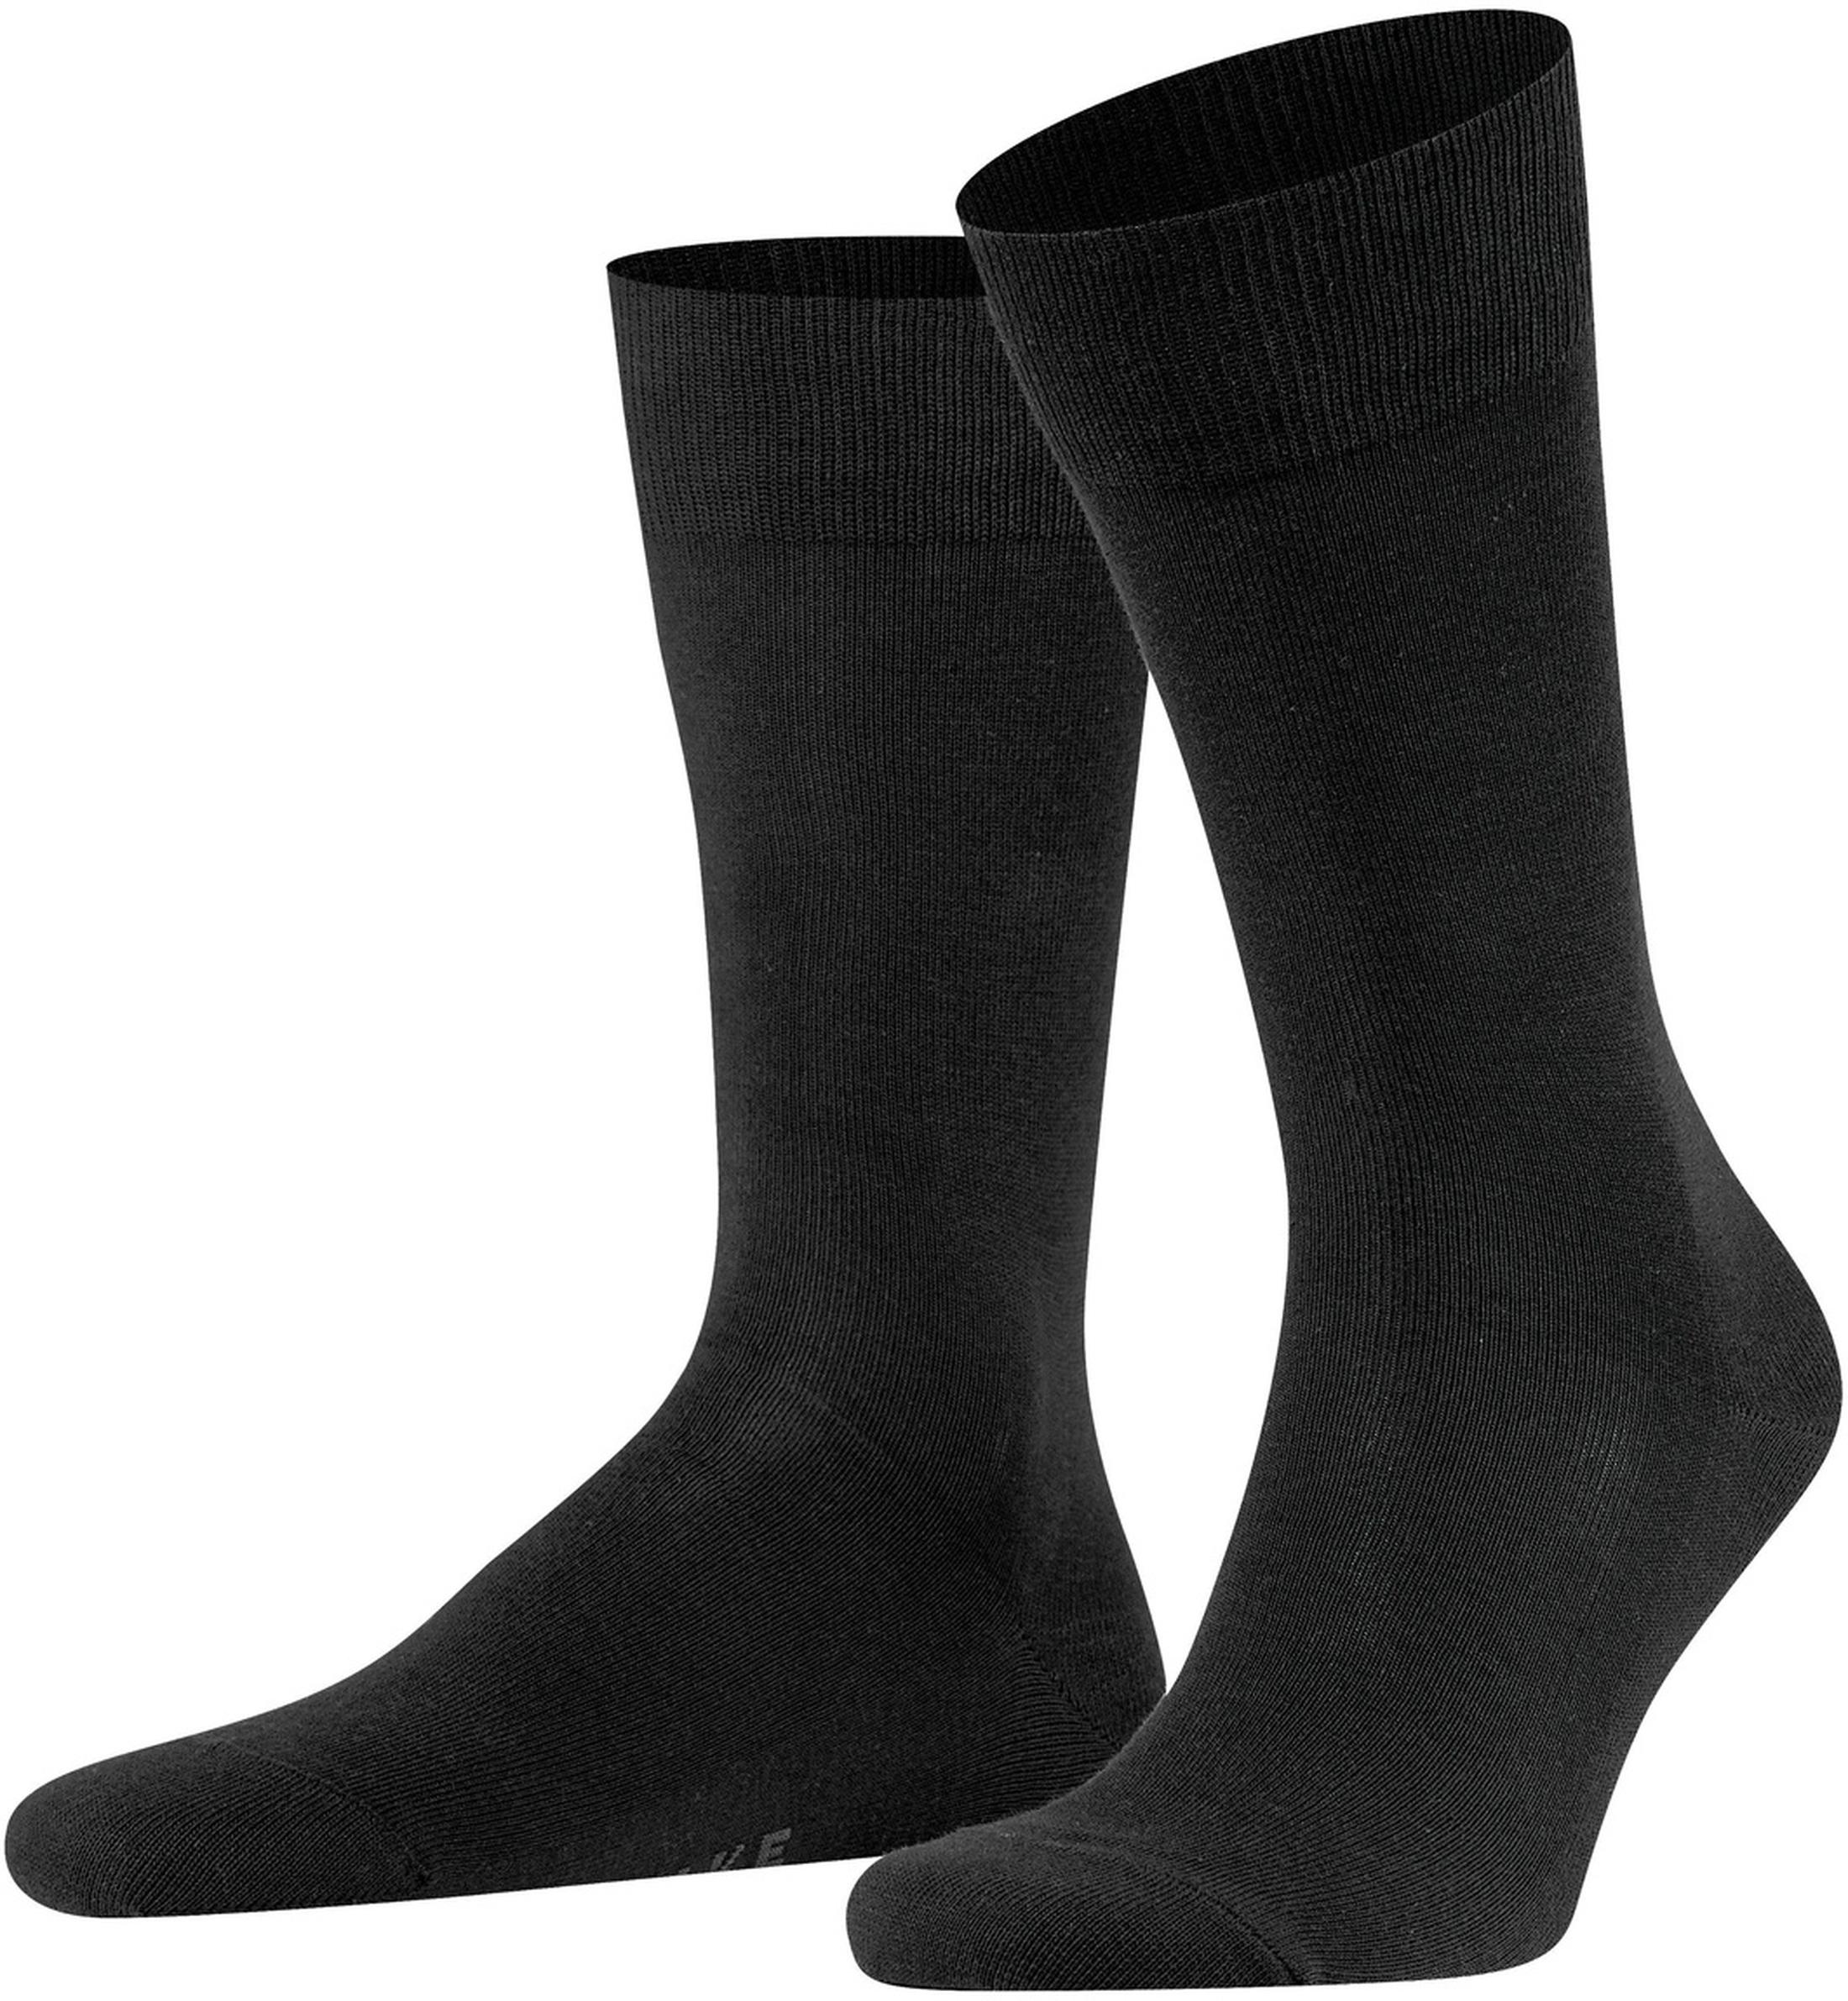 Falke Family Socks Black 3000